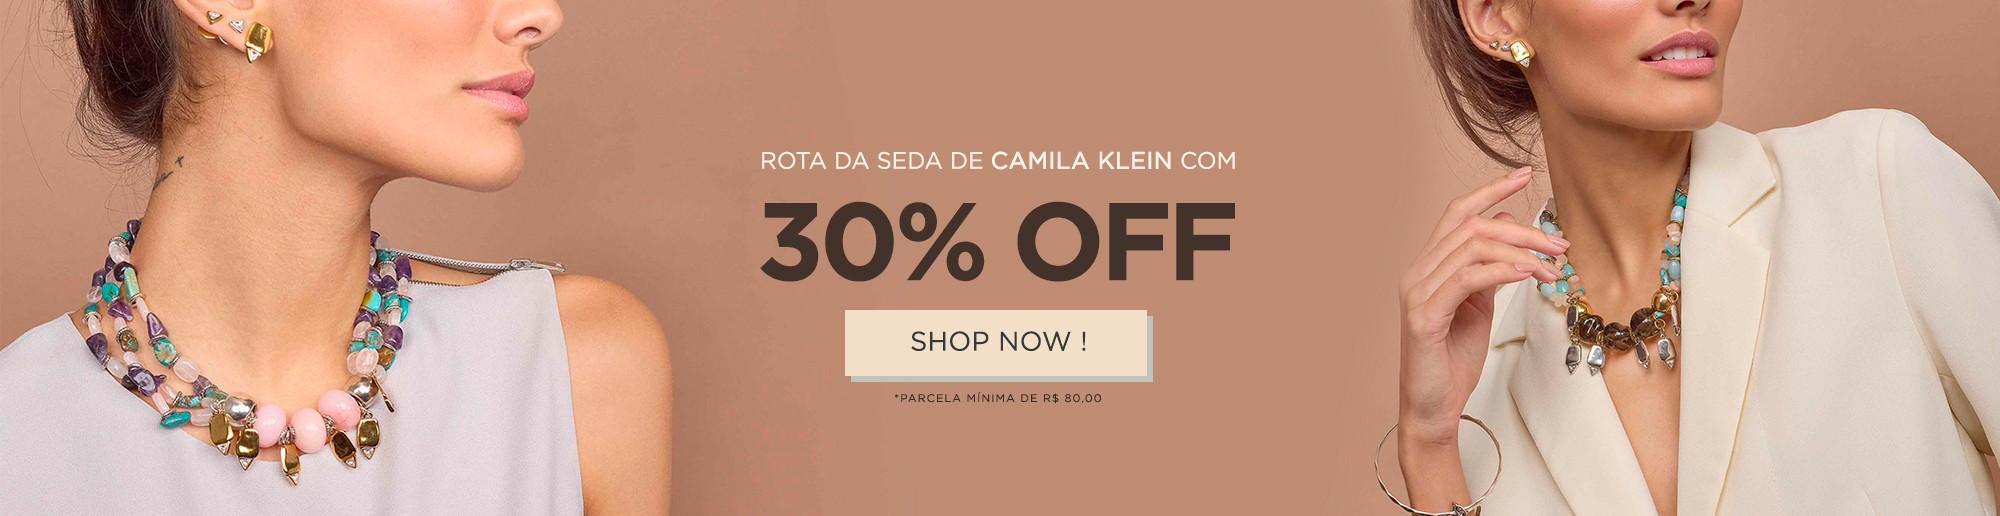 COLEÇÃO ROTA DA SEDA COM 30% OFF